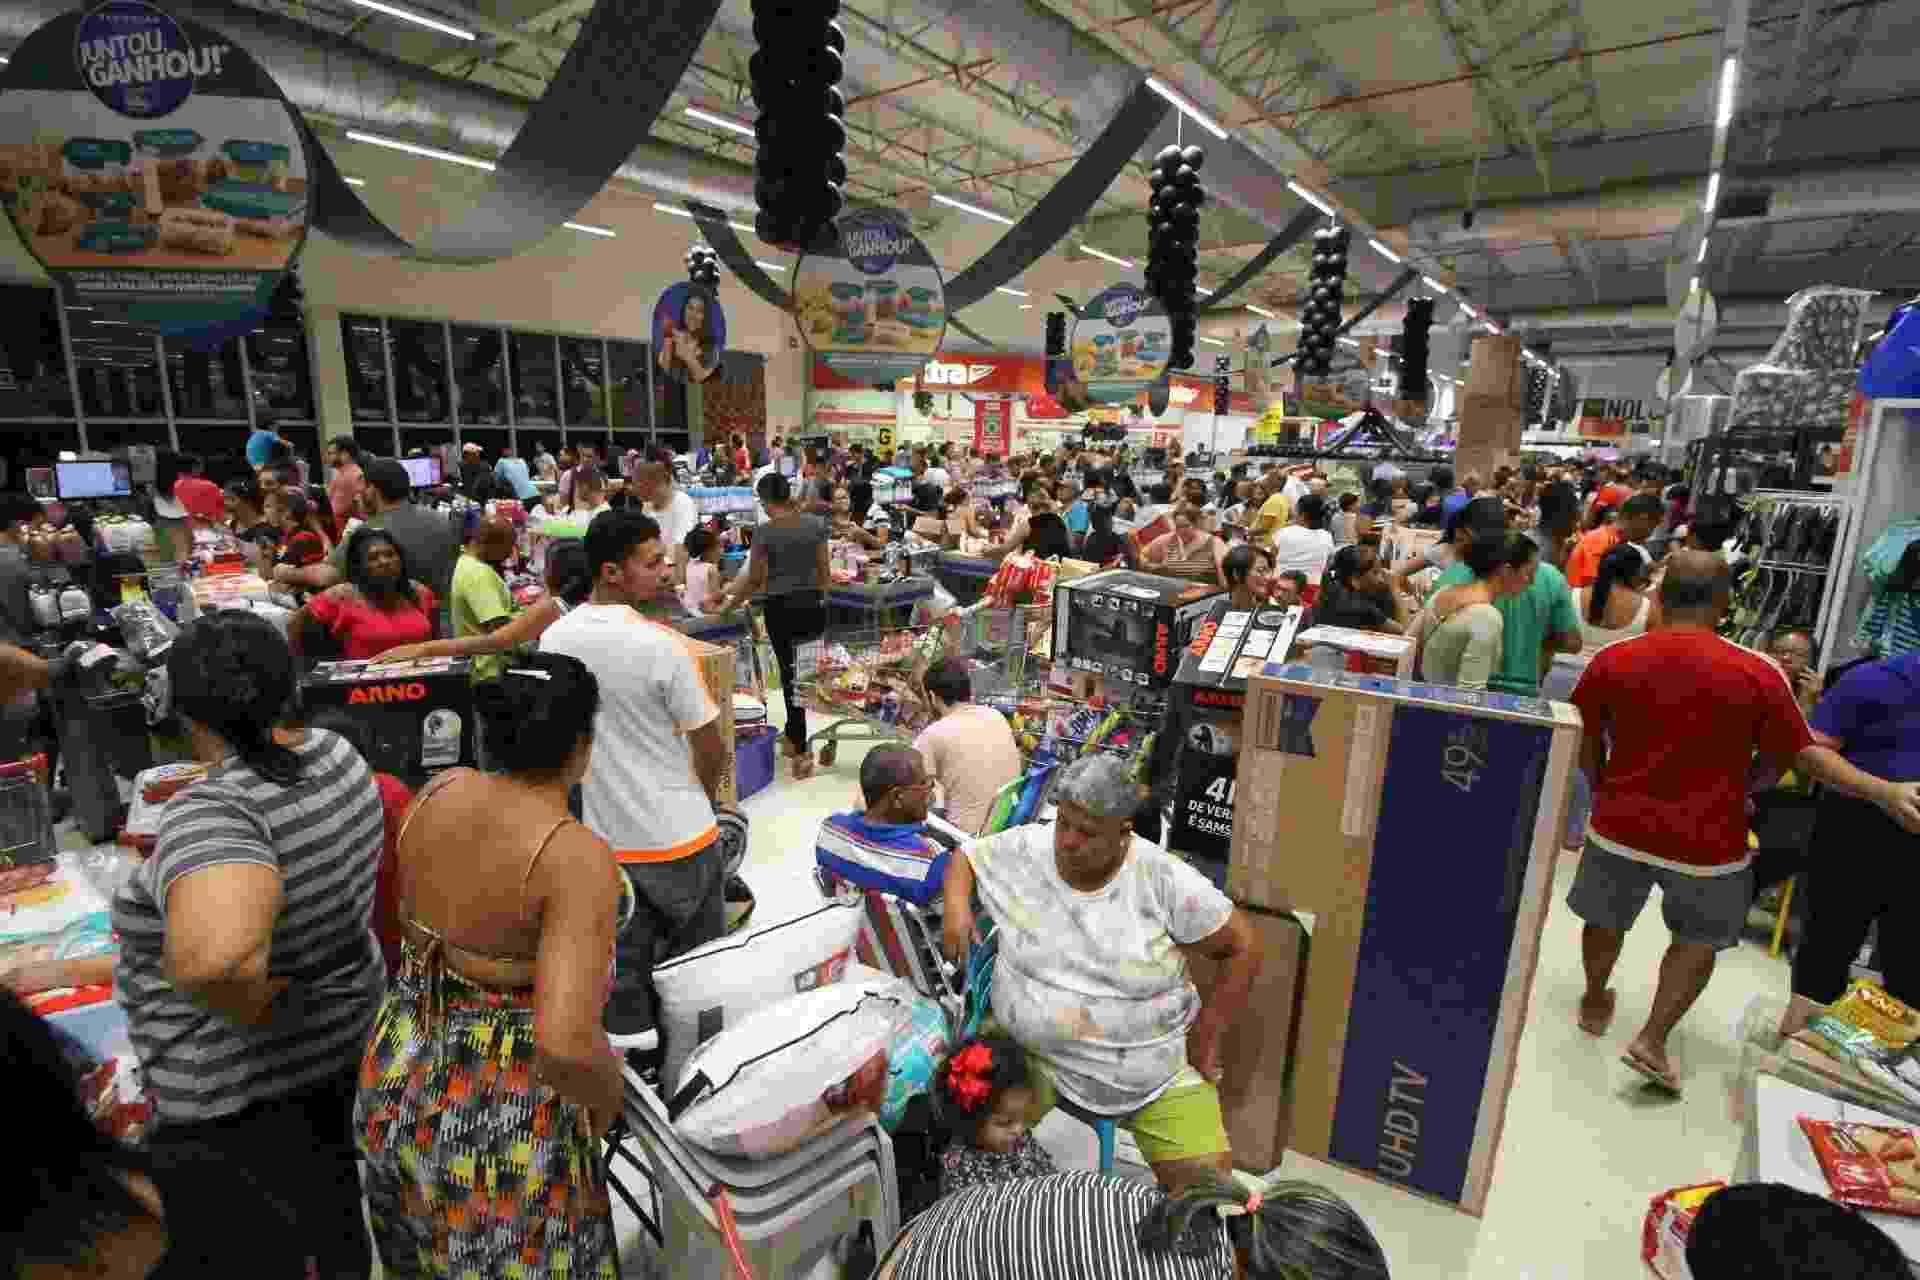 Movimentação de consumidores durante a Black Friday no Hipermercado Extra, no Centro do Recife (PE), na madrugada desta sexta-feira - Marlon Costa/Futura Press/Estadão Conteúdo